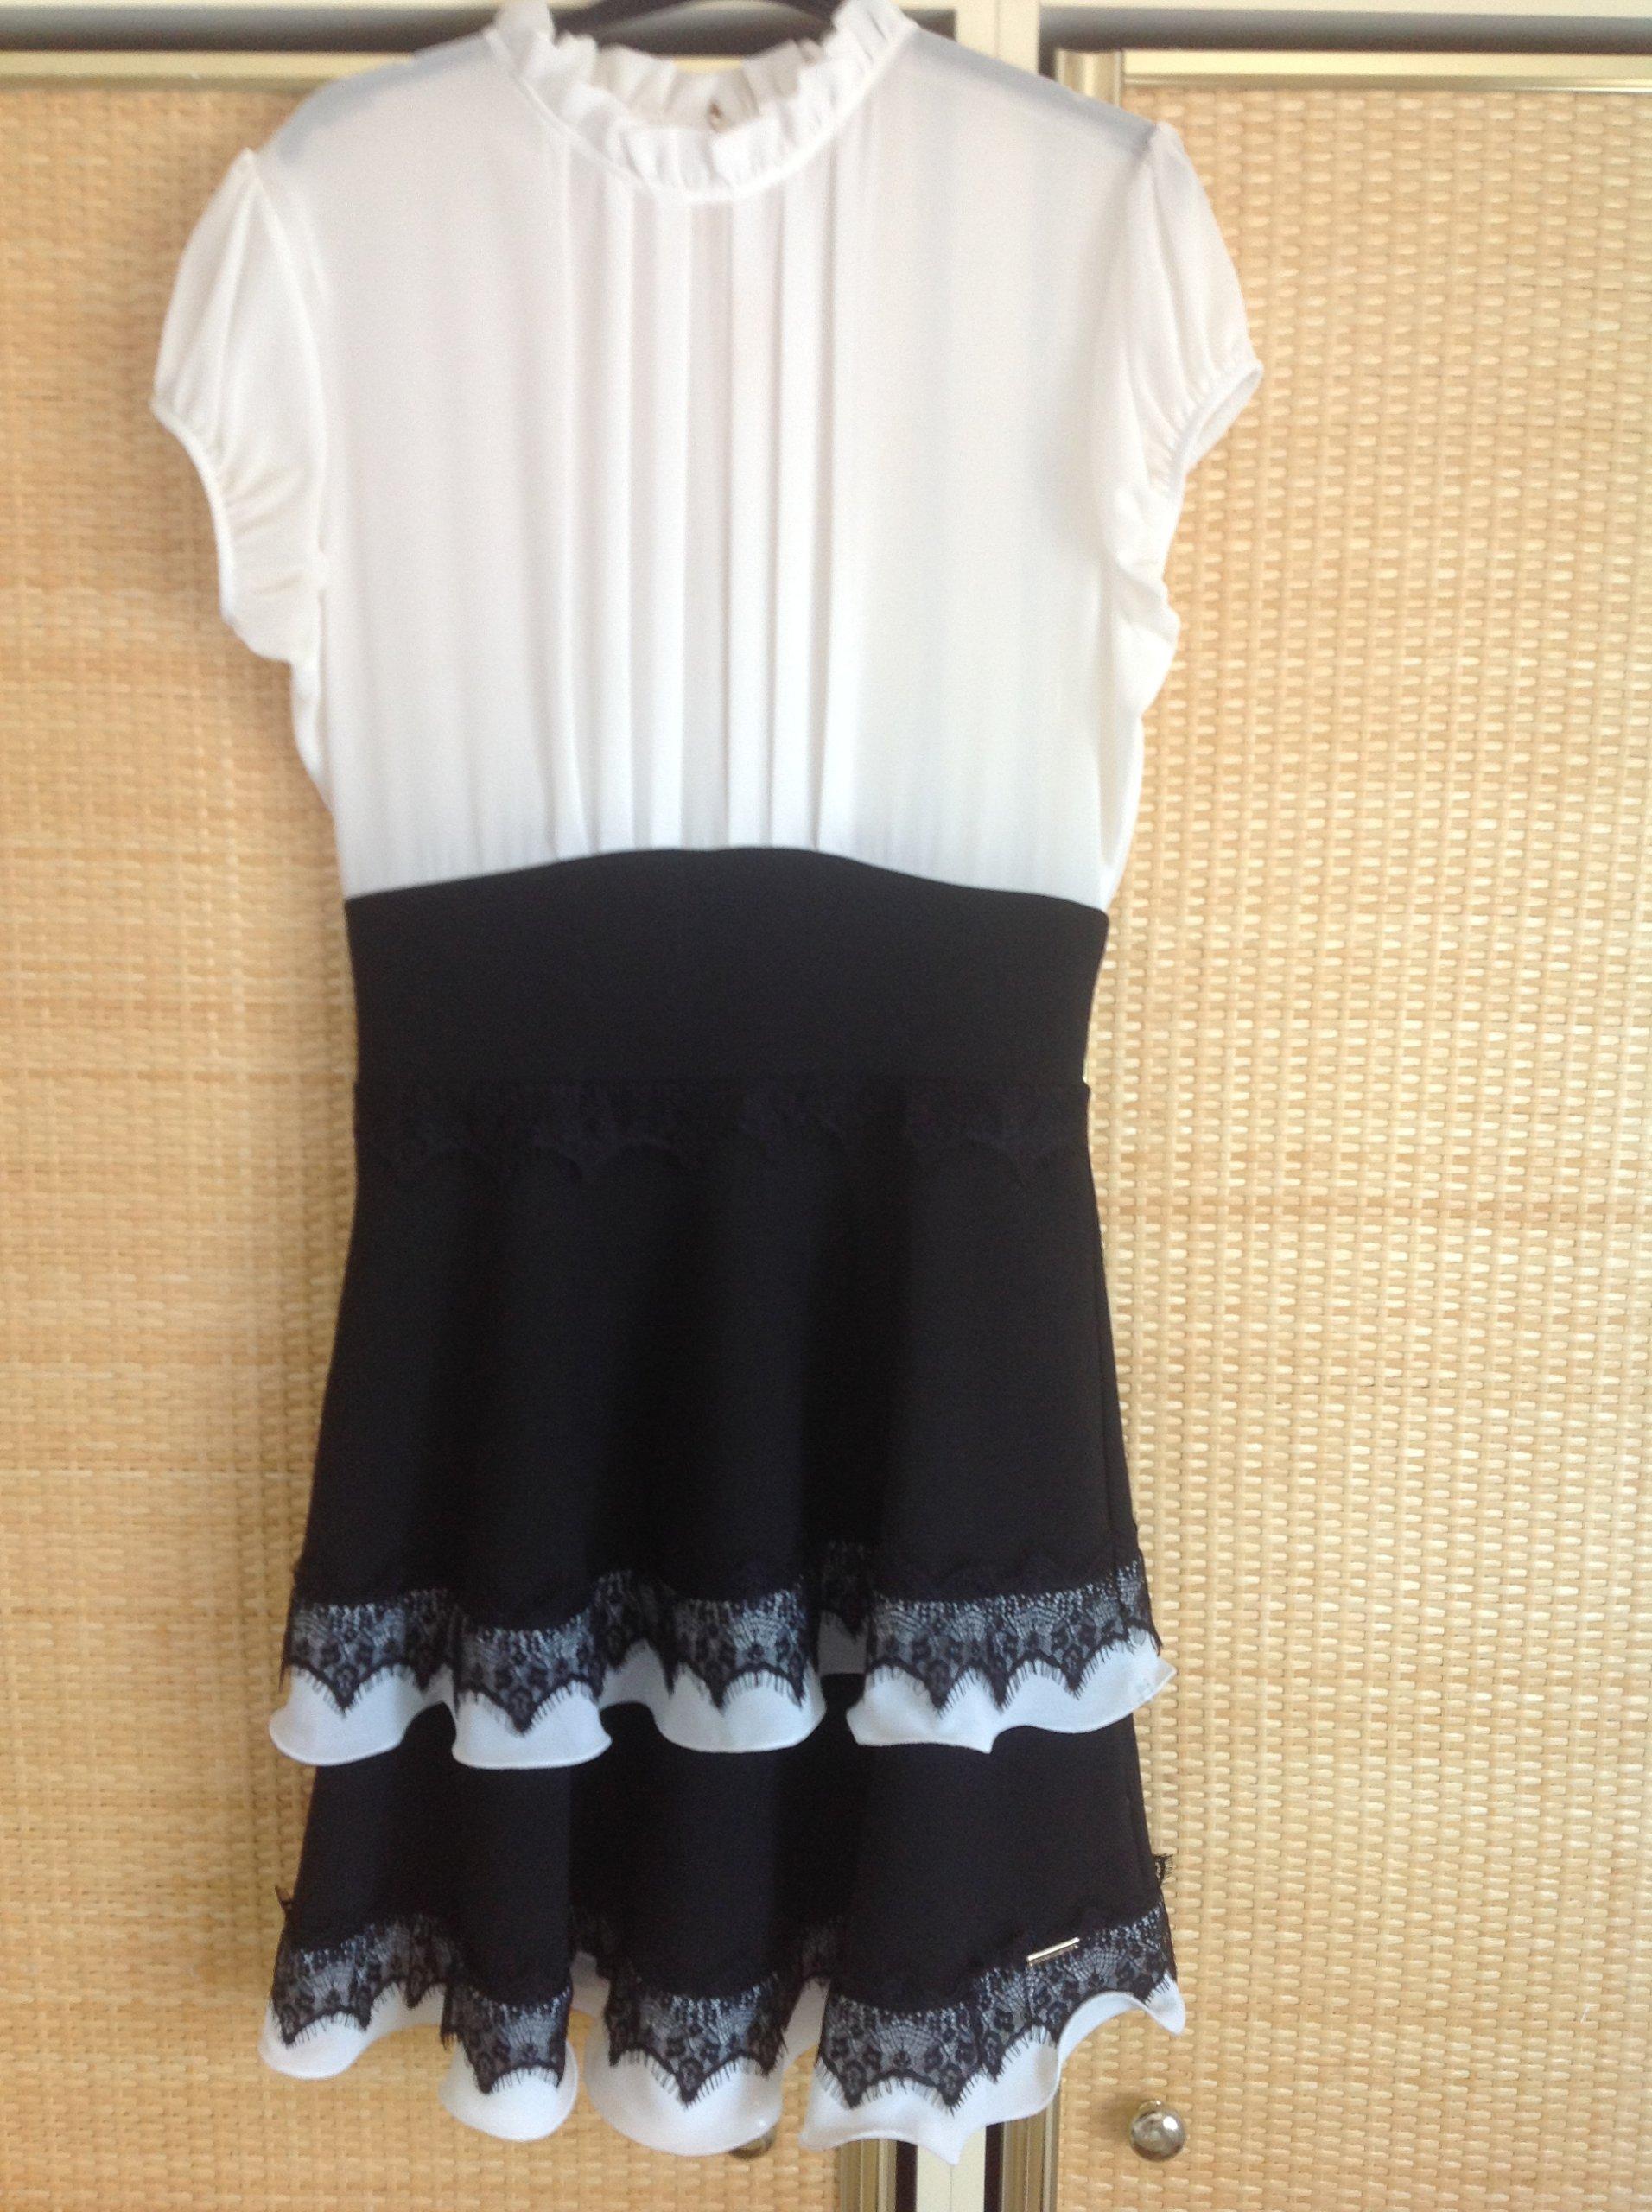 0126c97d94 Sukienka Włoska Rinascimento M 38 j nowa - 7499013947 - oficjalne ...